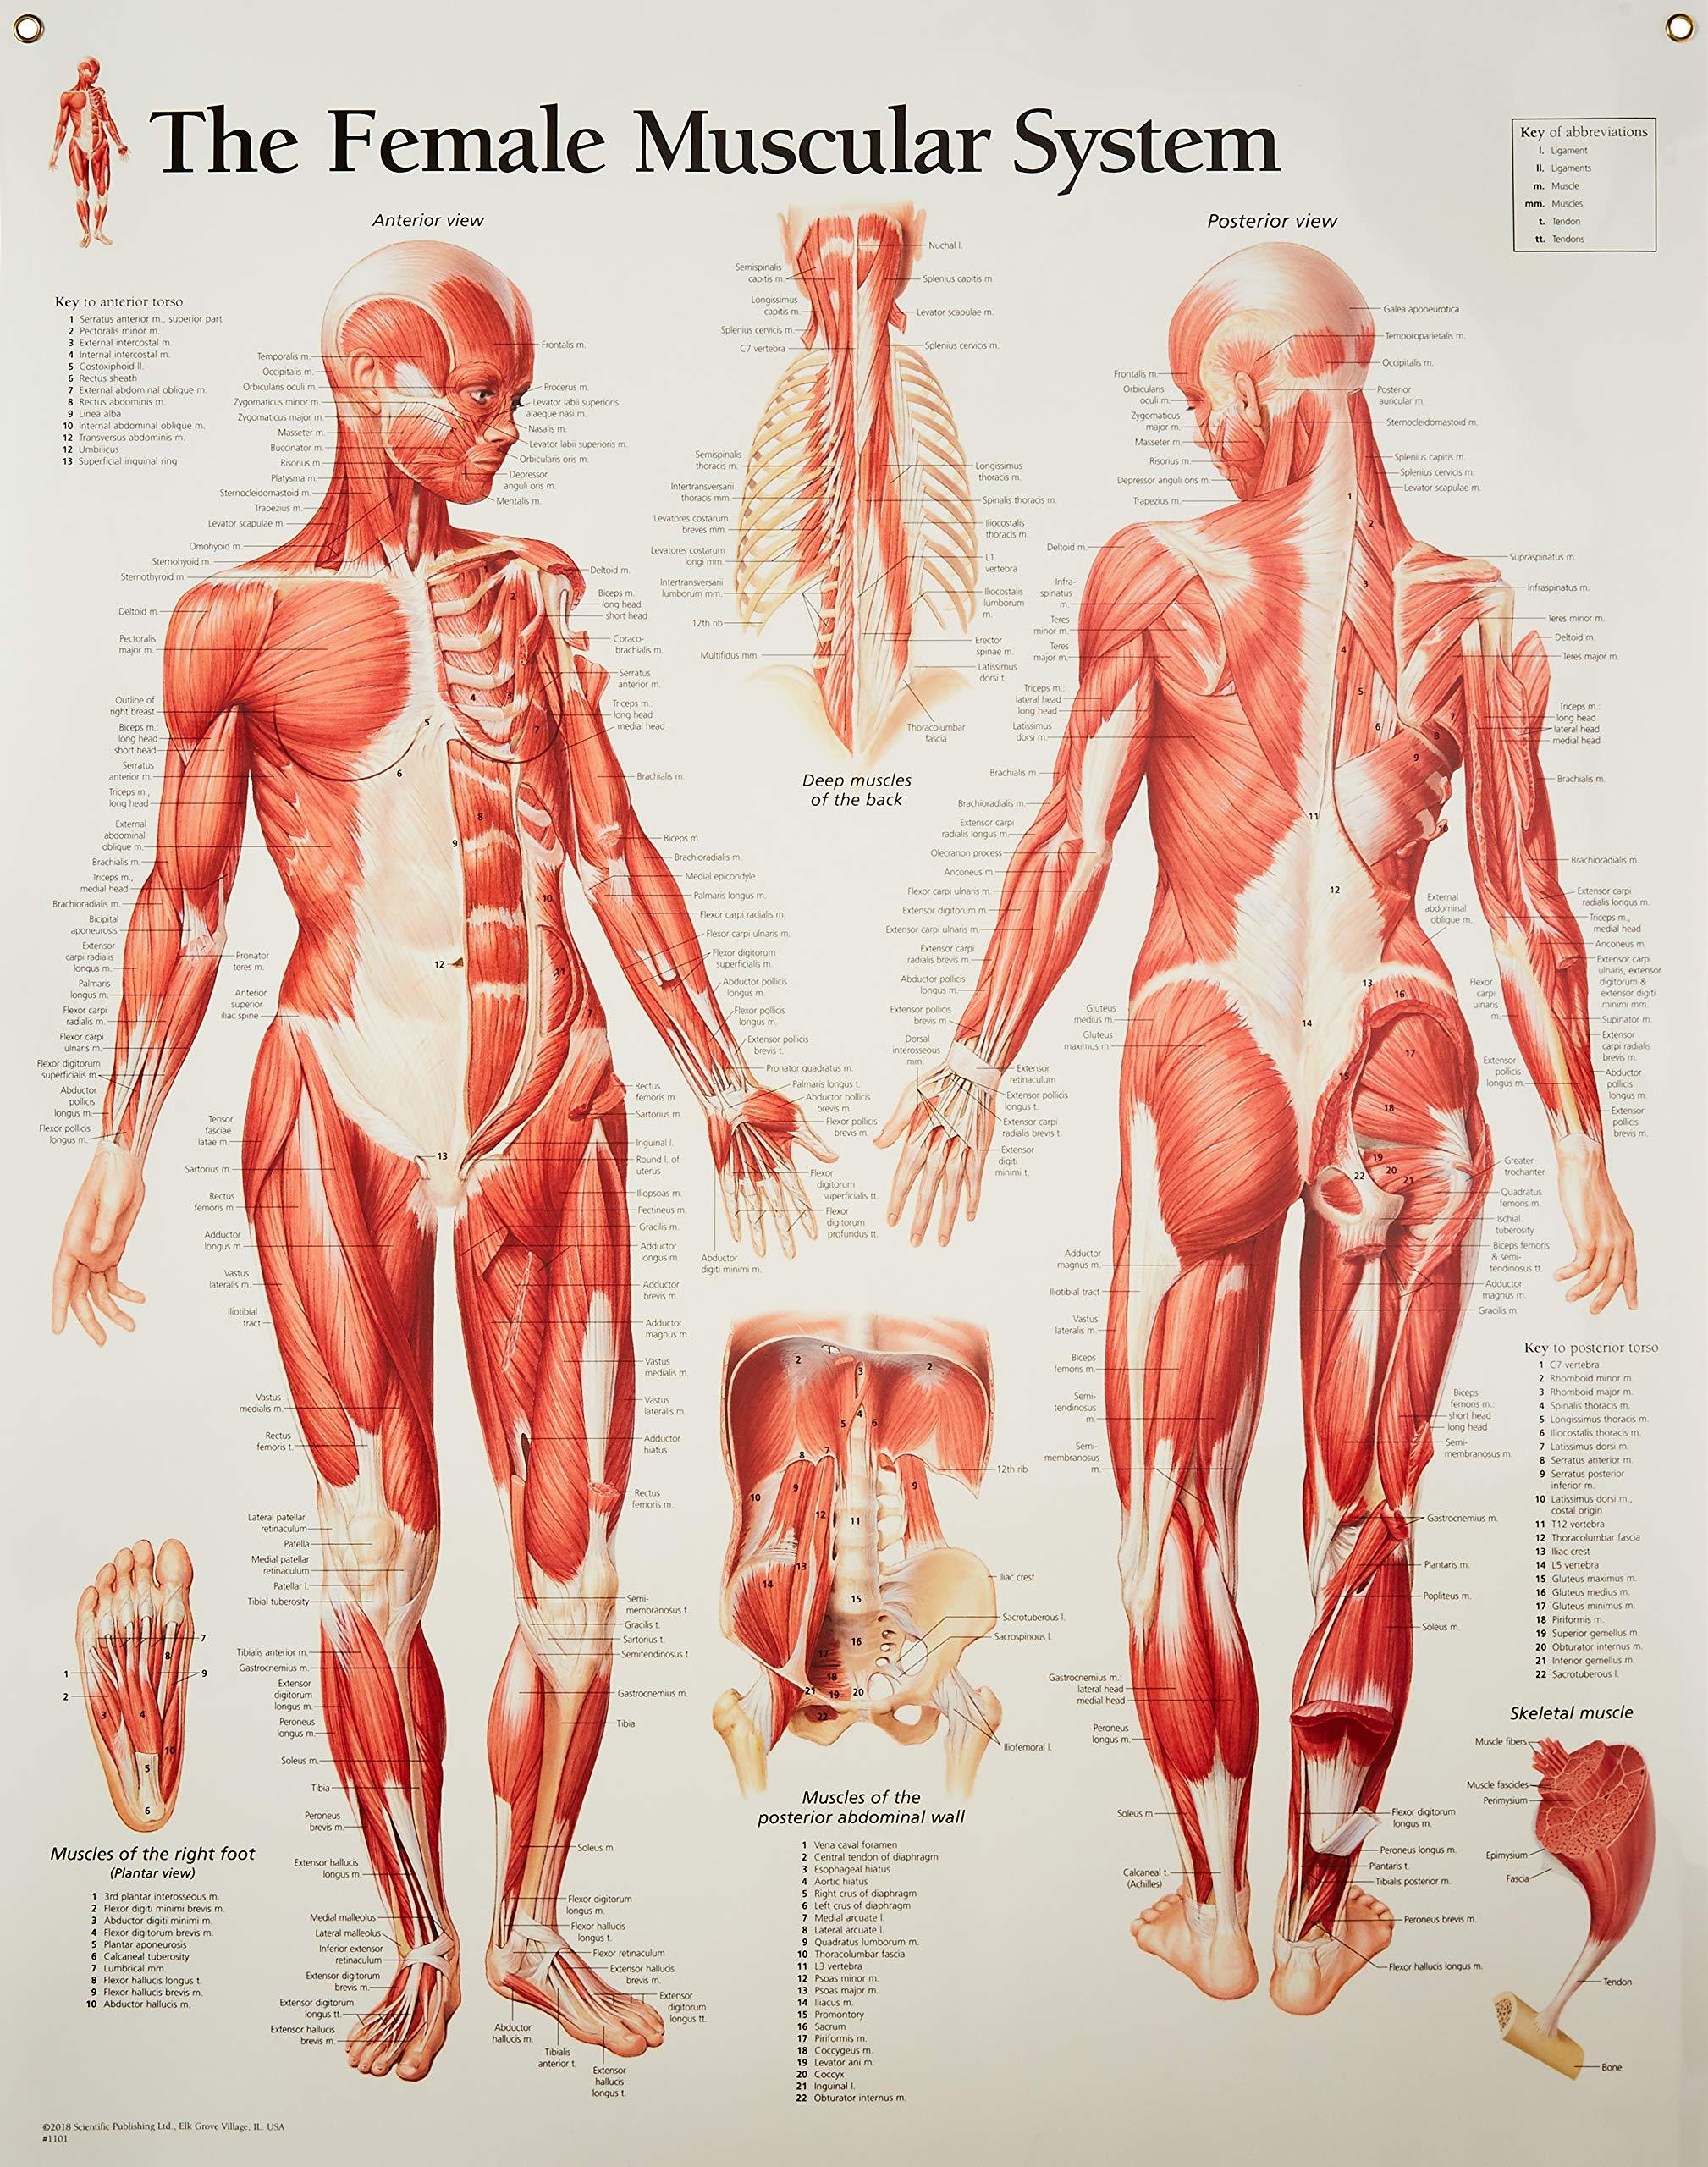 muscle diagram amazon com Diaphragm Diagram Unlabeled